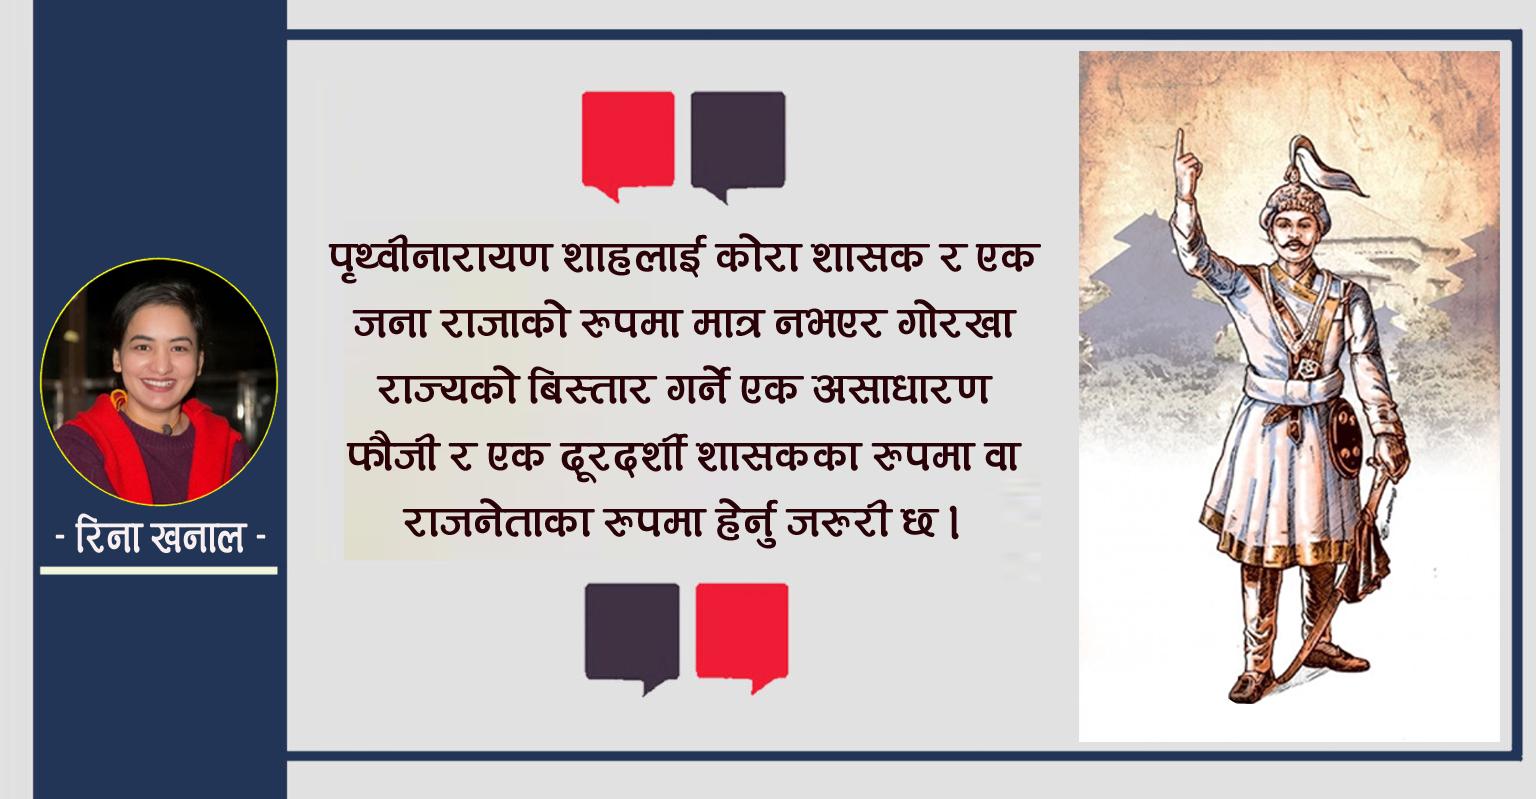 'पृथ्वीनारायण शाहले नेपाल निर्माण गरेका होइनन्'